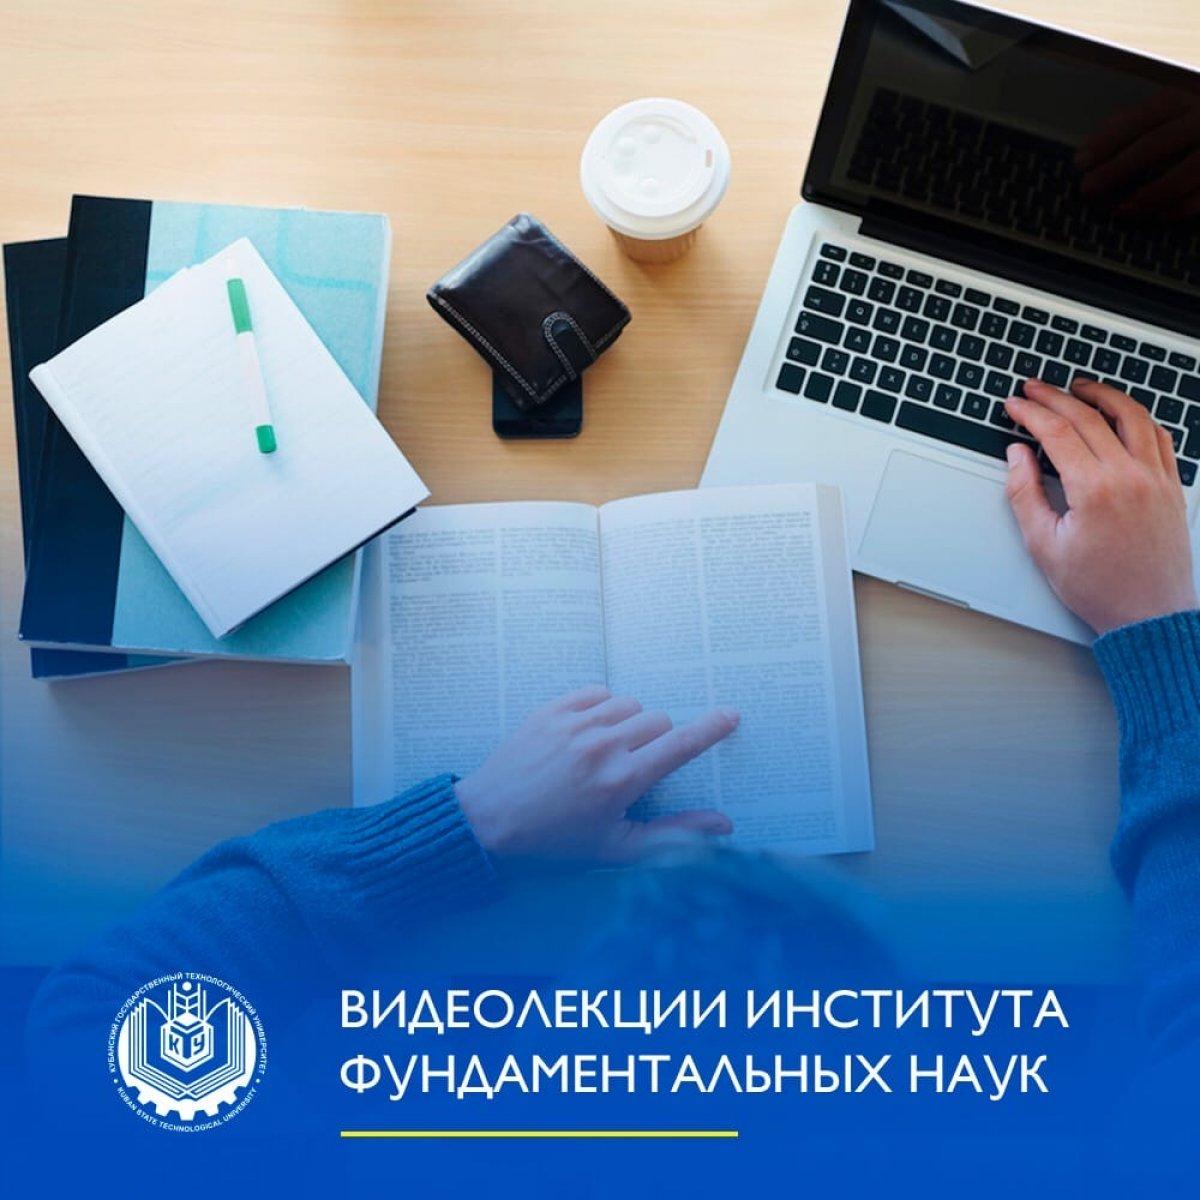 В рамках организации контактной работы обучающихся и педагогических работников исключительно